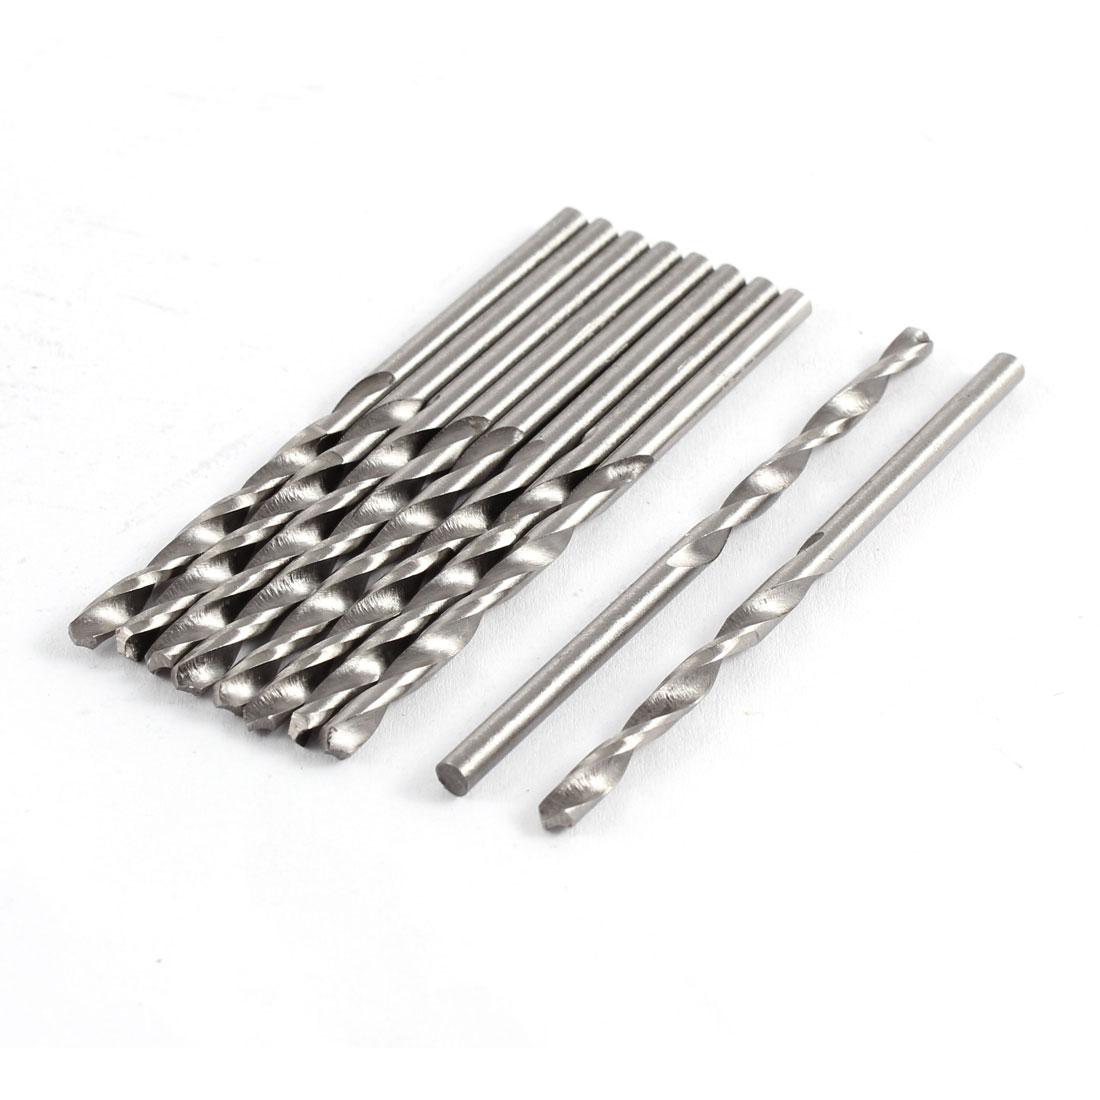 10 Pcs 3mm Diameter HSS Straight Shank Twist Drilling Bit for Electric Drills